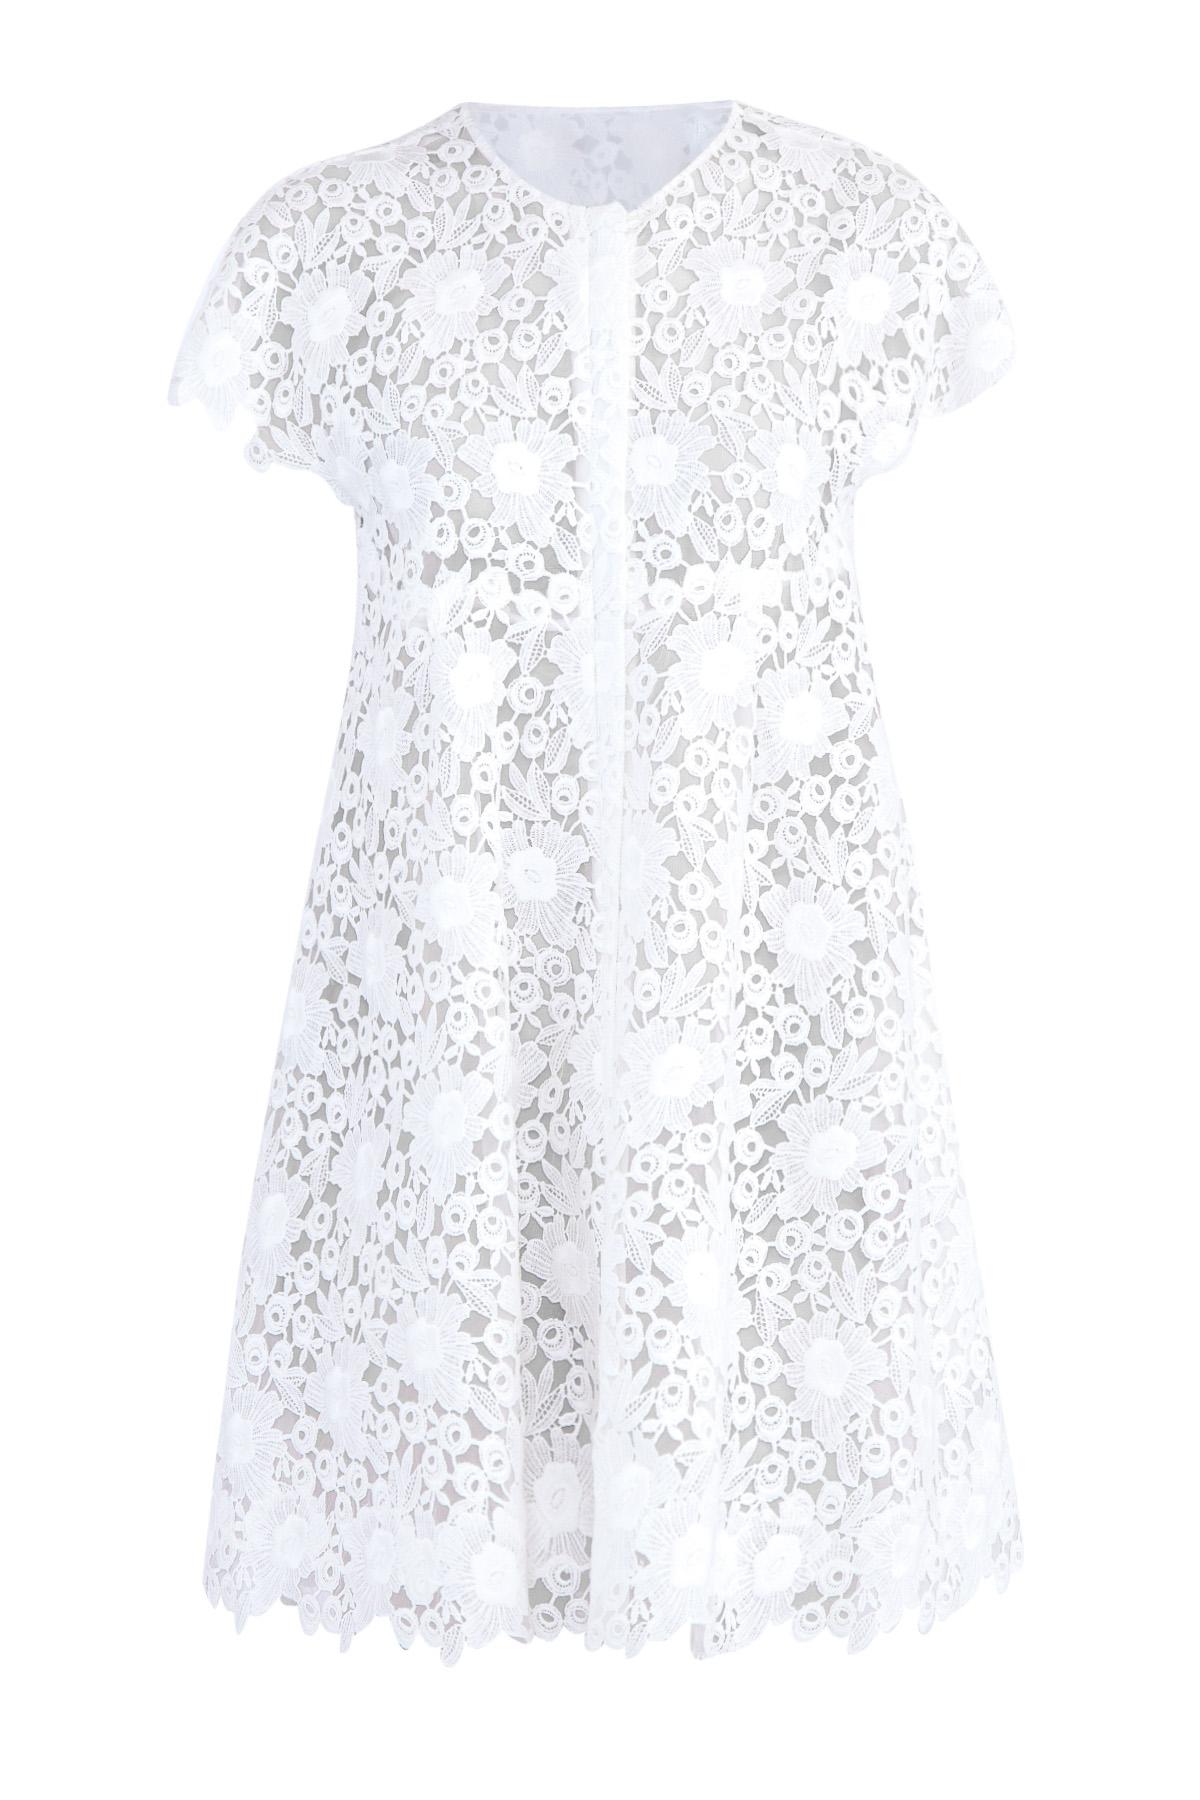 Купить Платье, MONCLER, Италия, хлопок 85%, полиэстер 15%, шелк 100%